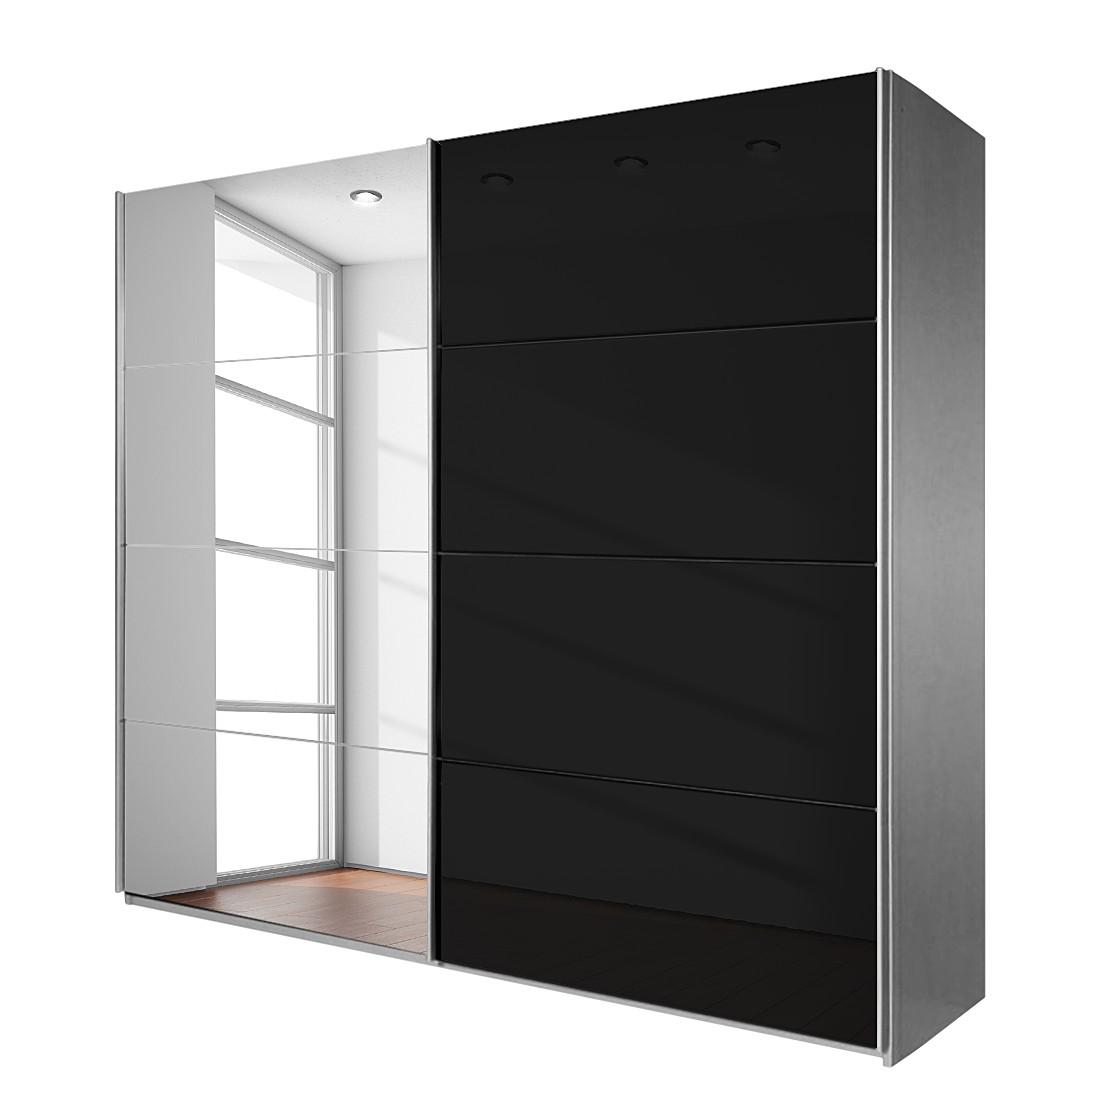 Schwebetürenschrank spiegel schwarz  Jetzt bei Home24: Kleiderschrank von Rauch Pack´s | Home24